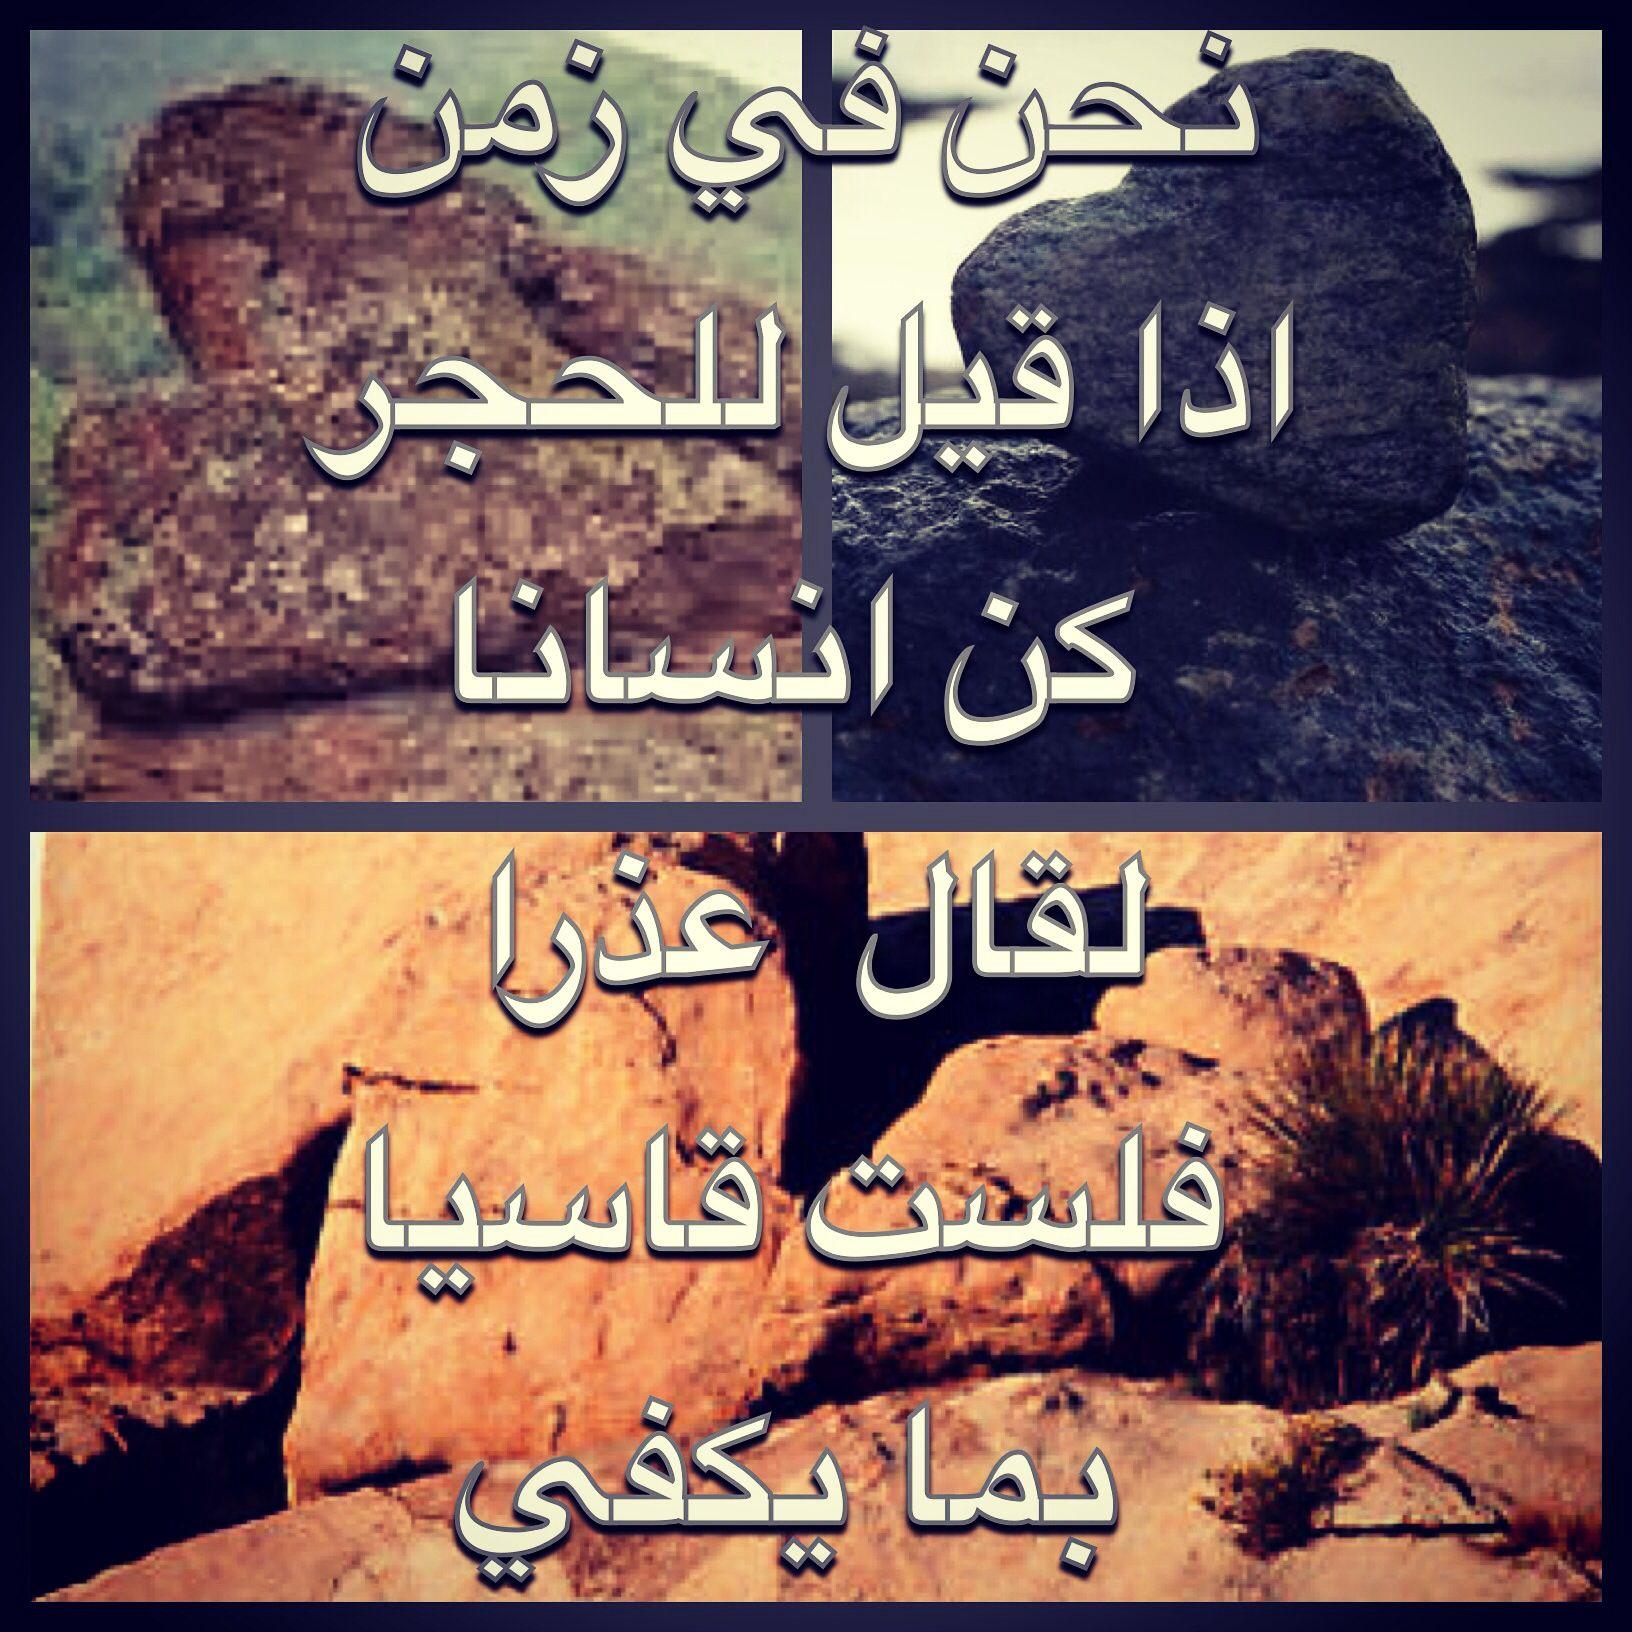 الحجر الين من قلب انسان قاسي Arabic Quotes Quran Quotes Words